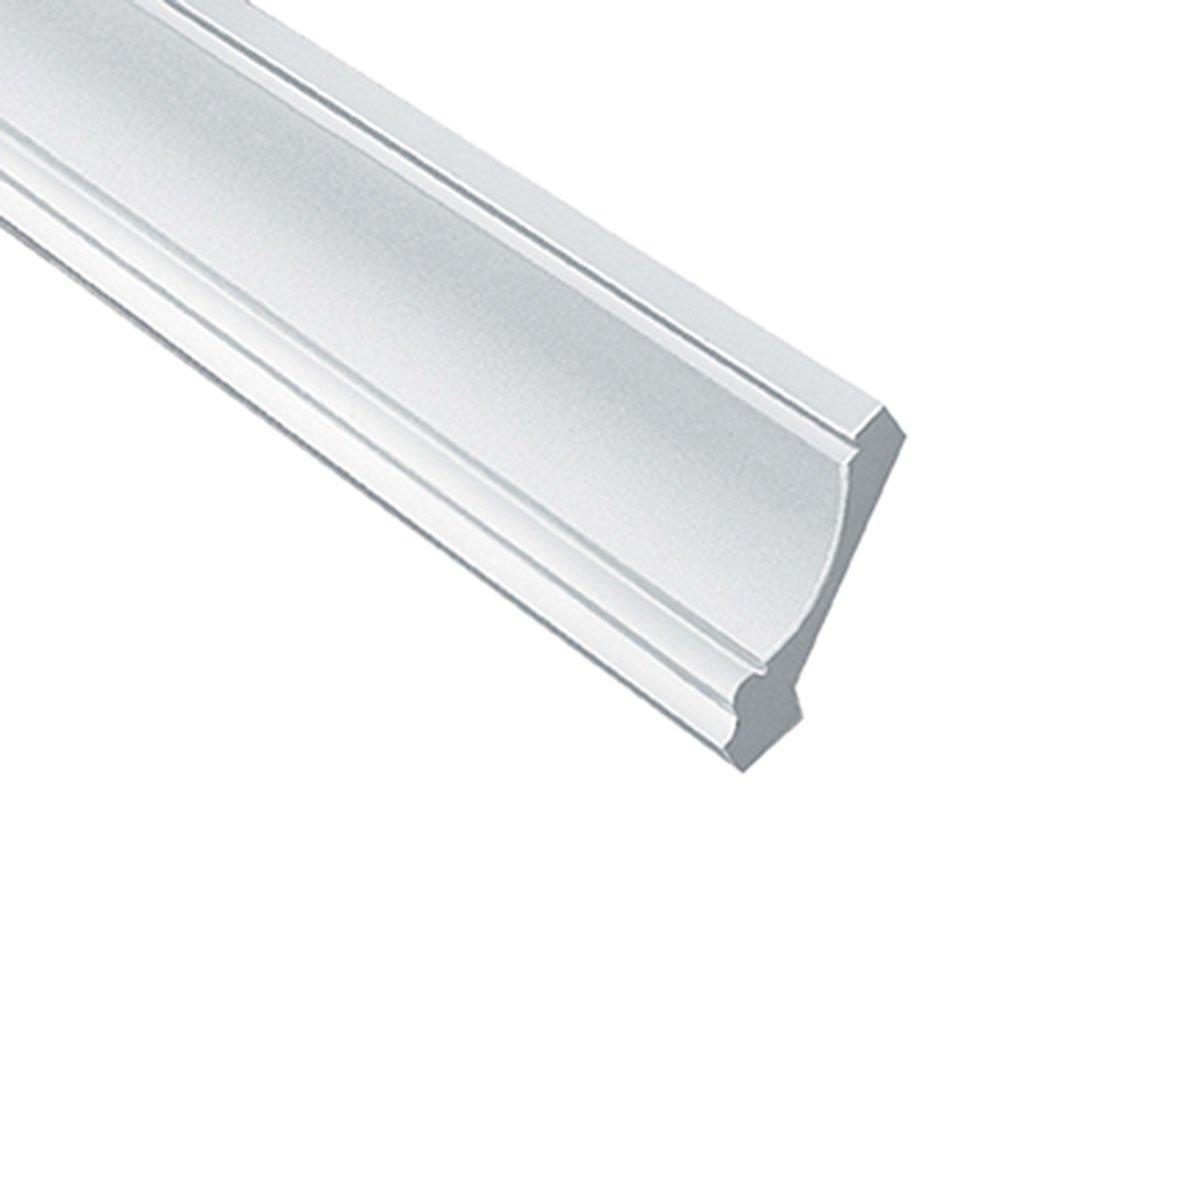 6 1/4''H x 4 1/2''P, 16' Length, Door/Window Moulding